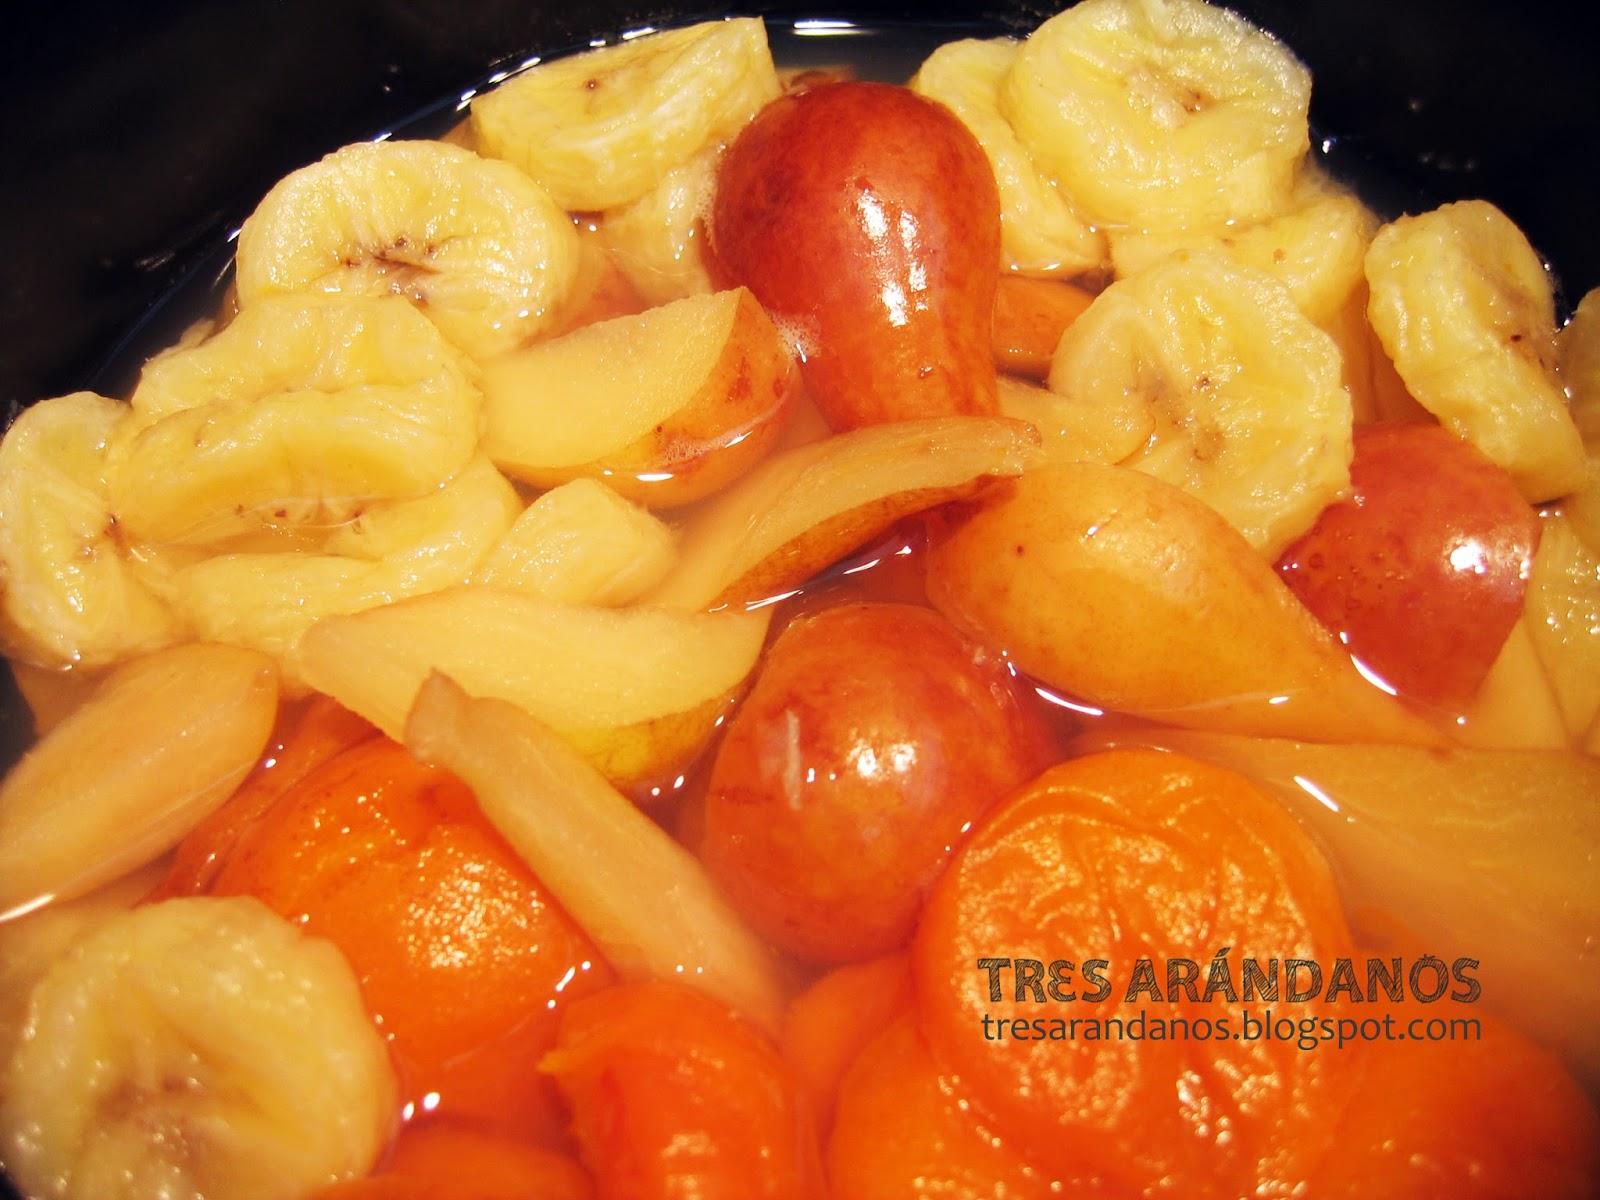 Cómo hacer papilla de frutas